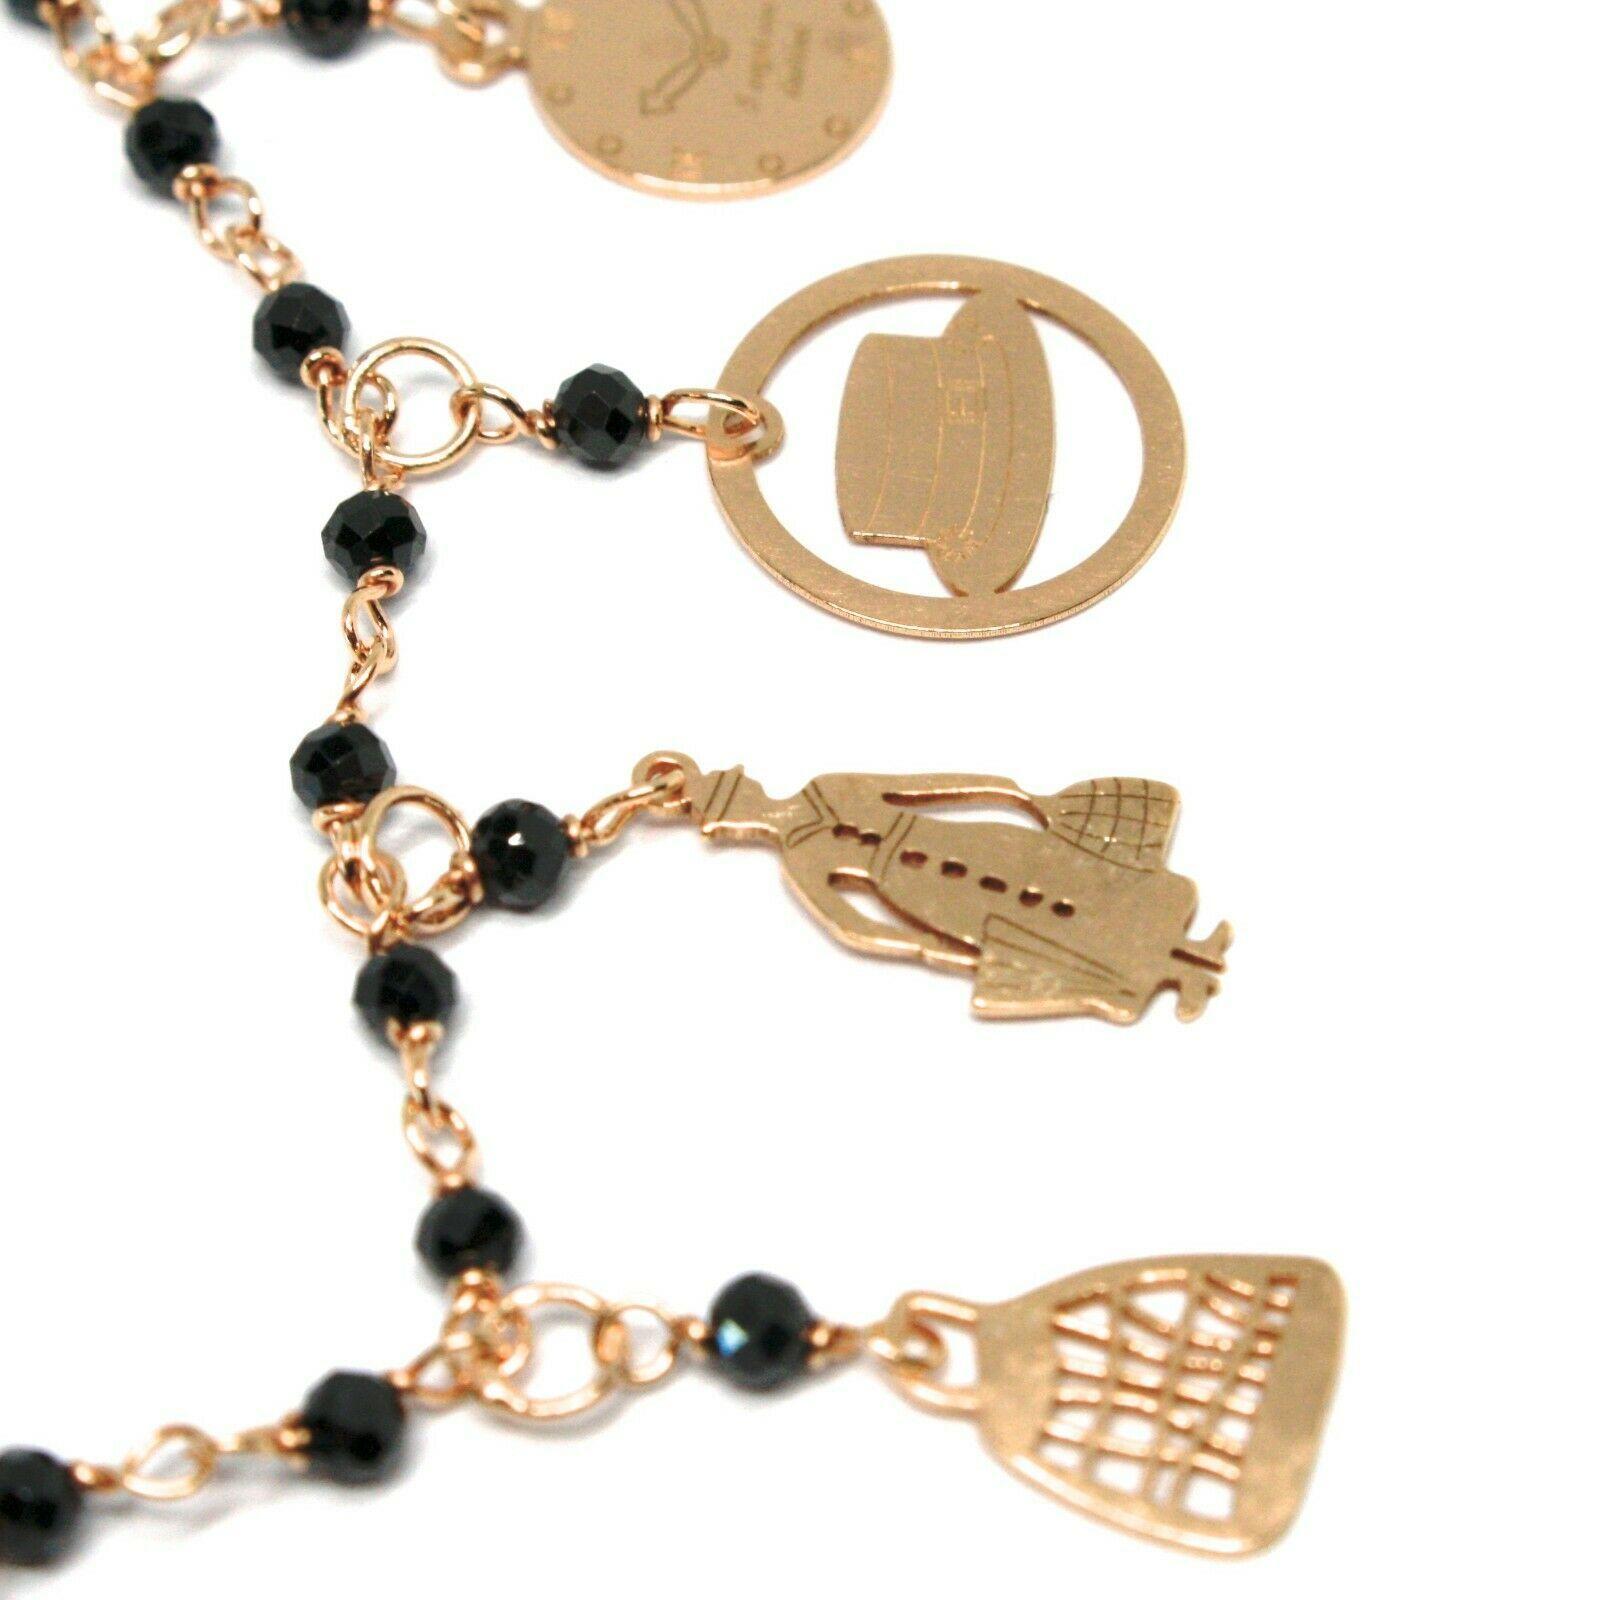 Armband und Ohrhänger 925 Silber, Mary Tasche Regenschirm Hut Sterne, Le Favole image 2